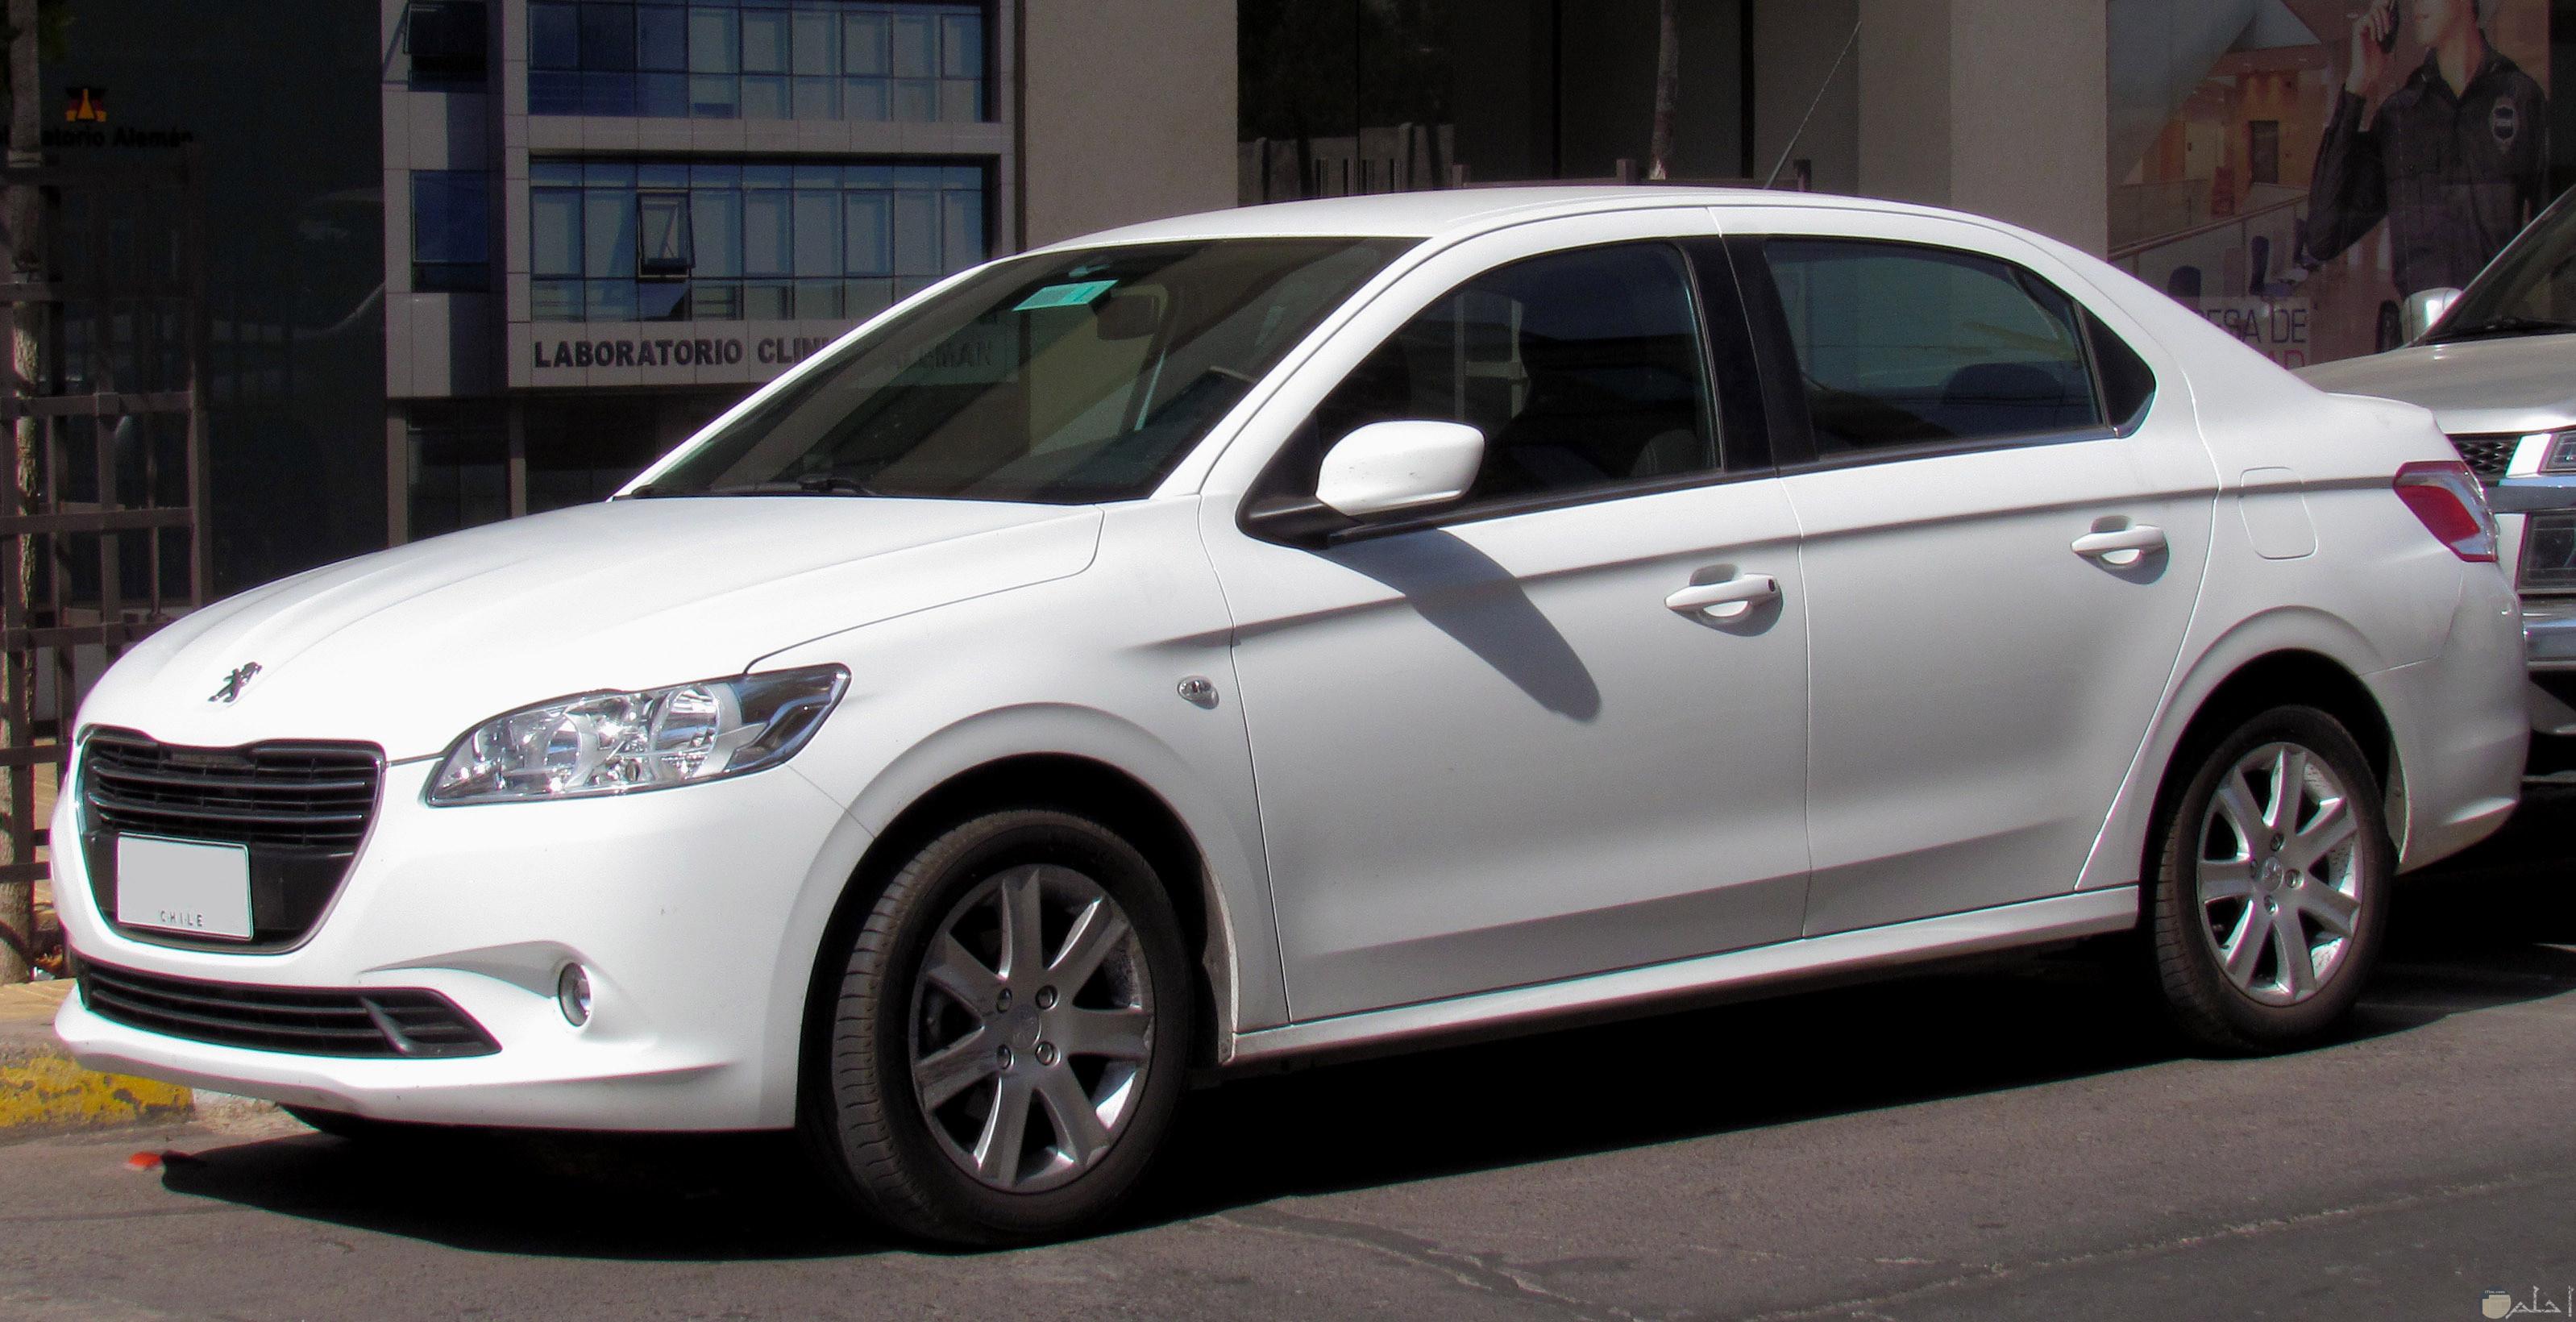 سيارة بيجو موديل حديث بيضاء اللون.